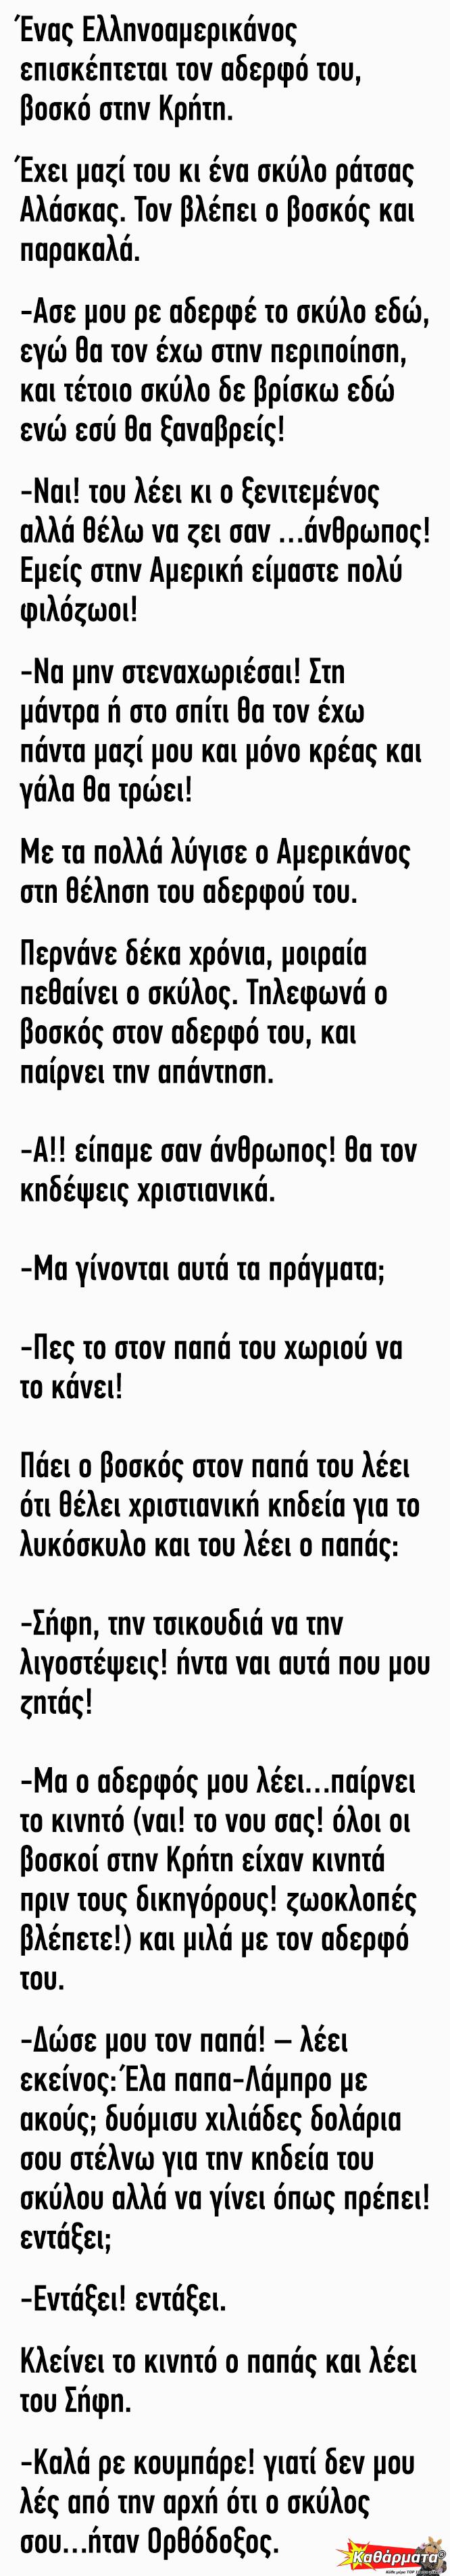 Ανέκδοτο: Ένας Ελληνοαμερικάνος επισκέπτεται τον αδερφό του βοσκό στην Κρήτη